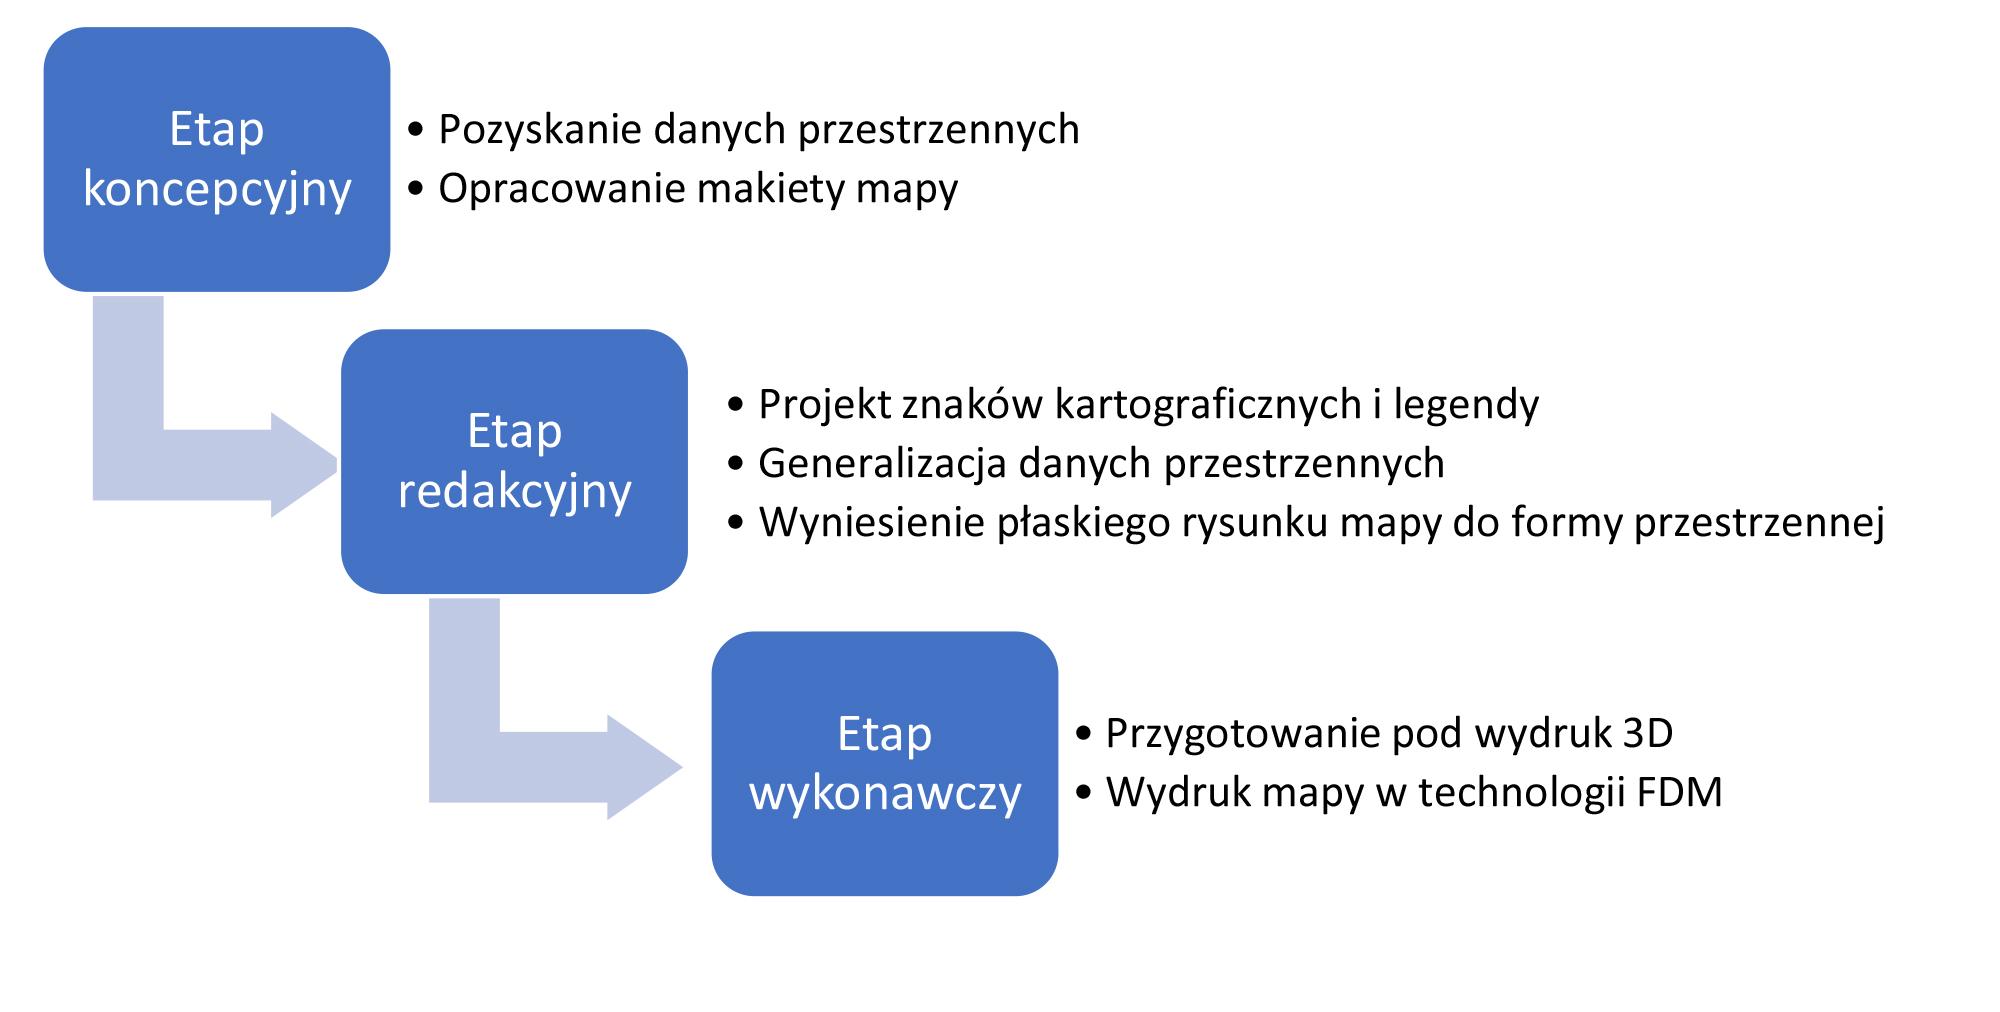 Rys. 3. Procedura opracowania mapy dotykowej z wykorzystaniem techniki druku 3D, źródło: opracowanie własne.